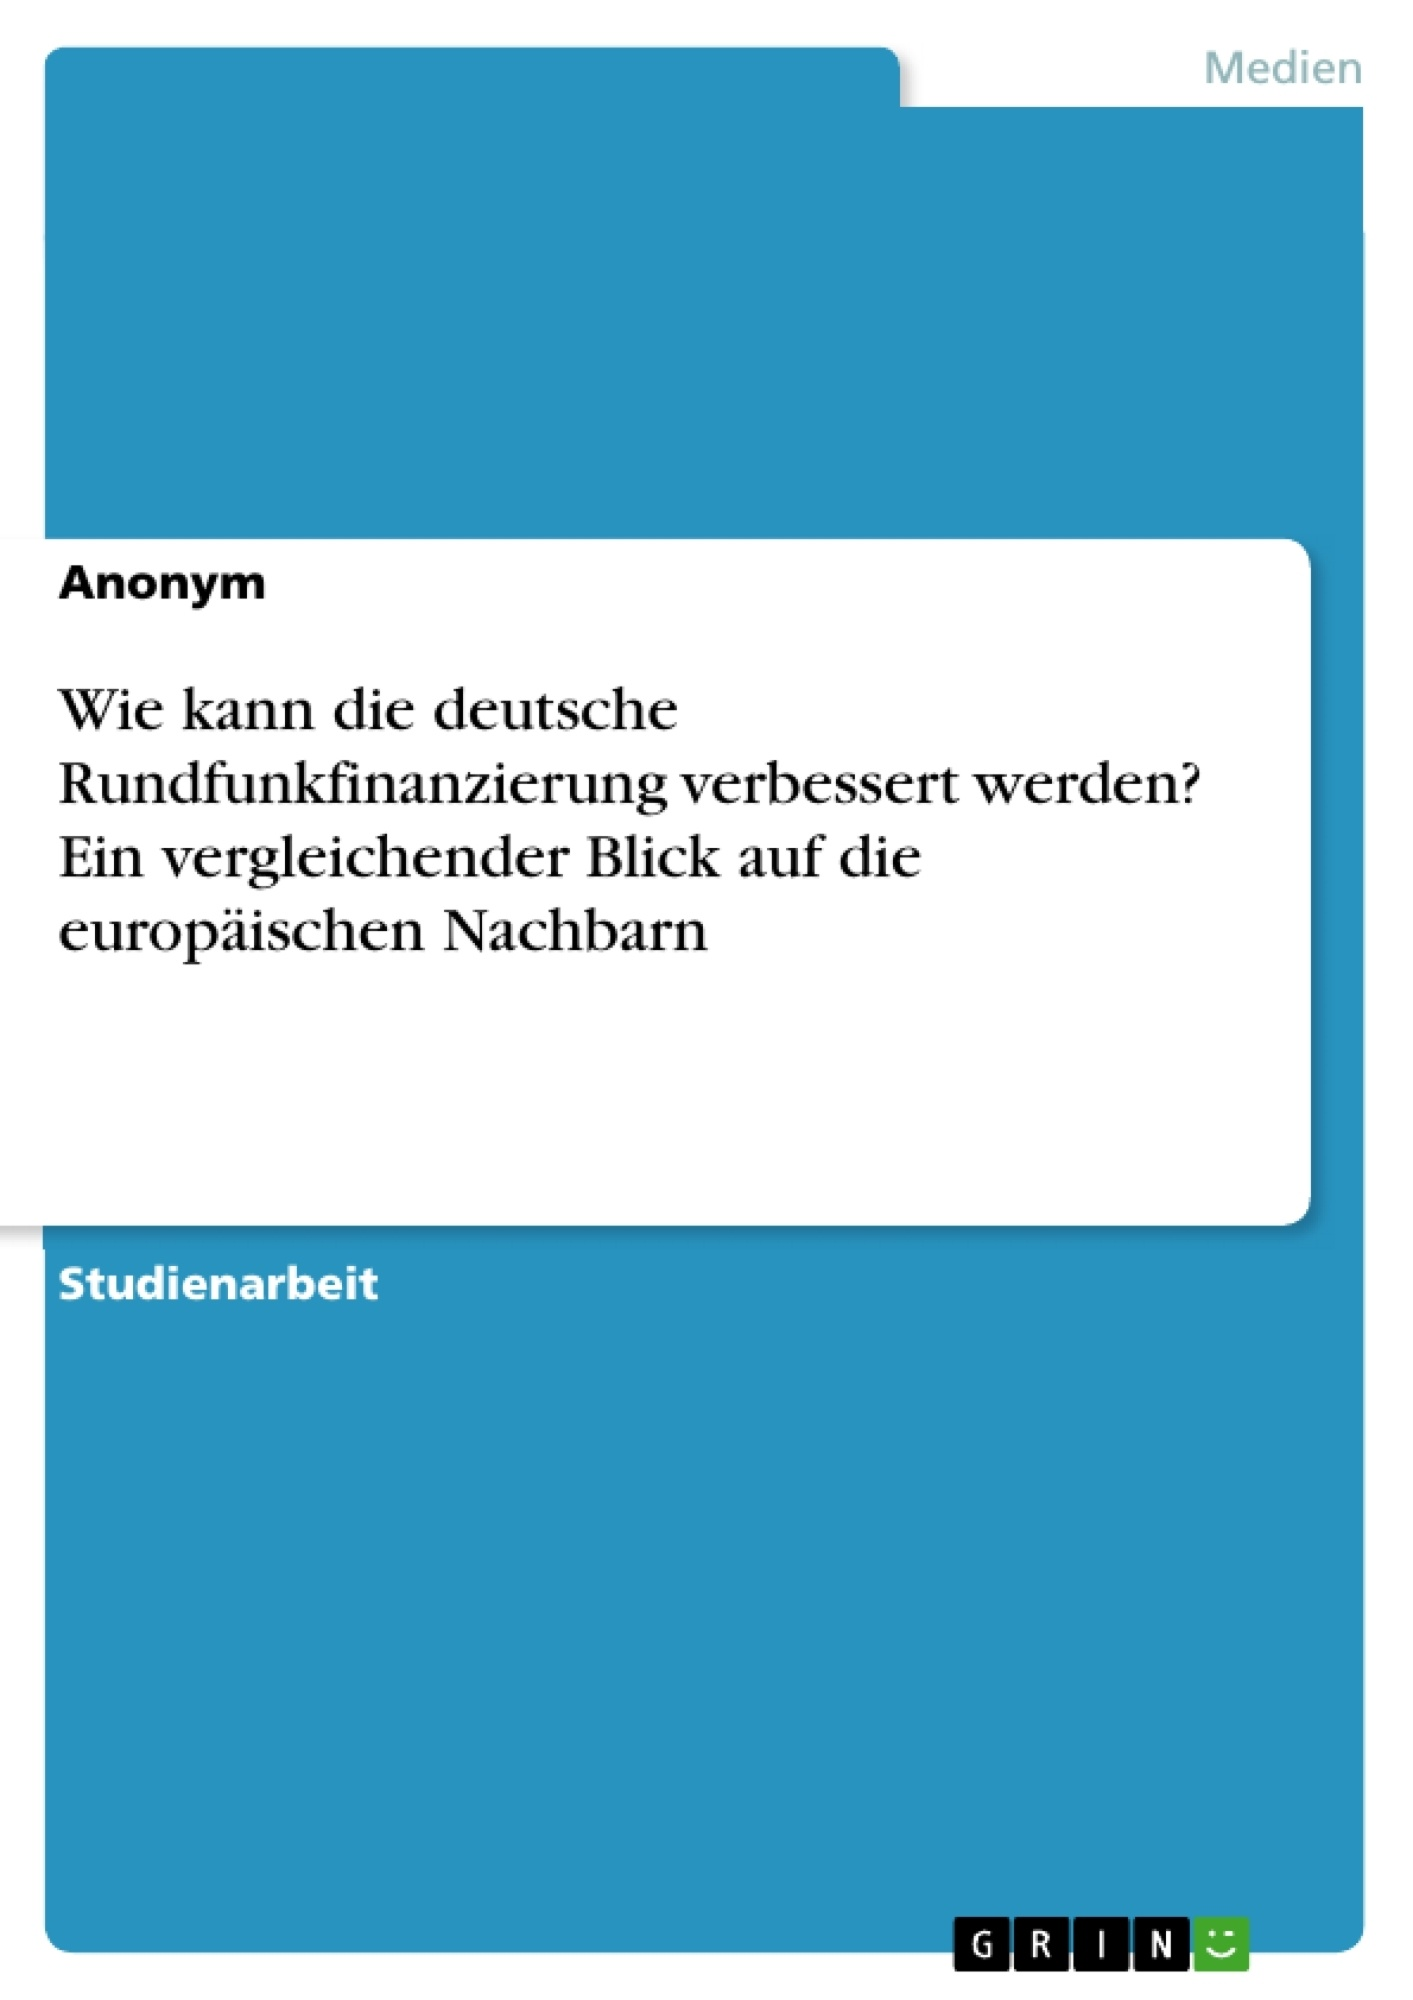 Titel: Wie kann die deutsche Rundfunkfinanzierung verbessert werden? Ein vergleichender Blick auf die europäischen Nachbarn